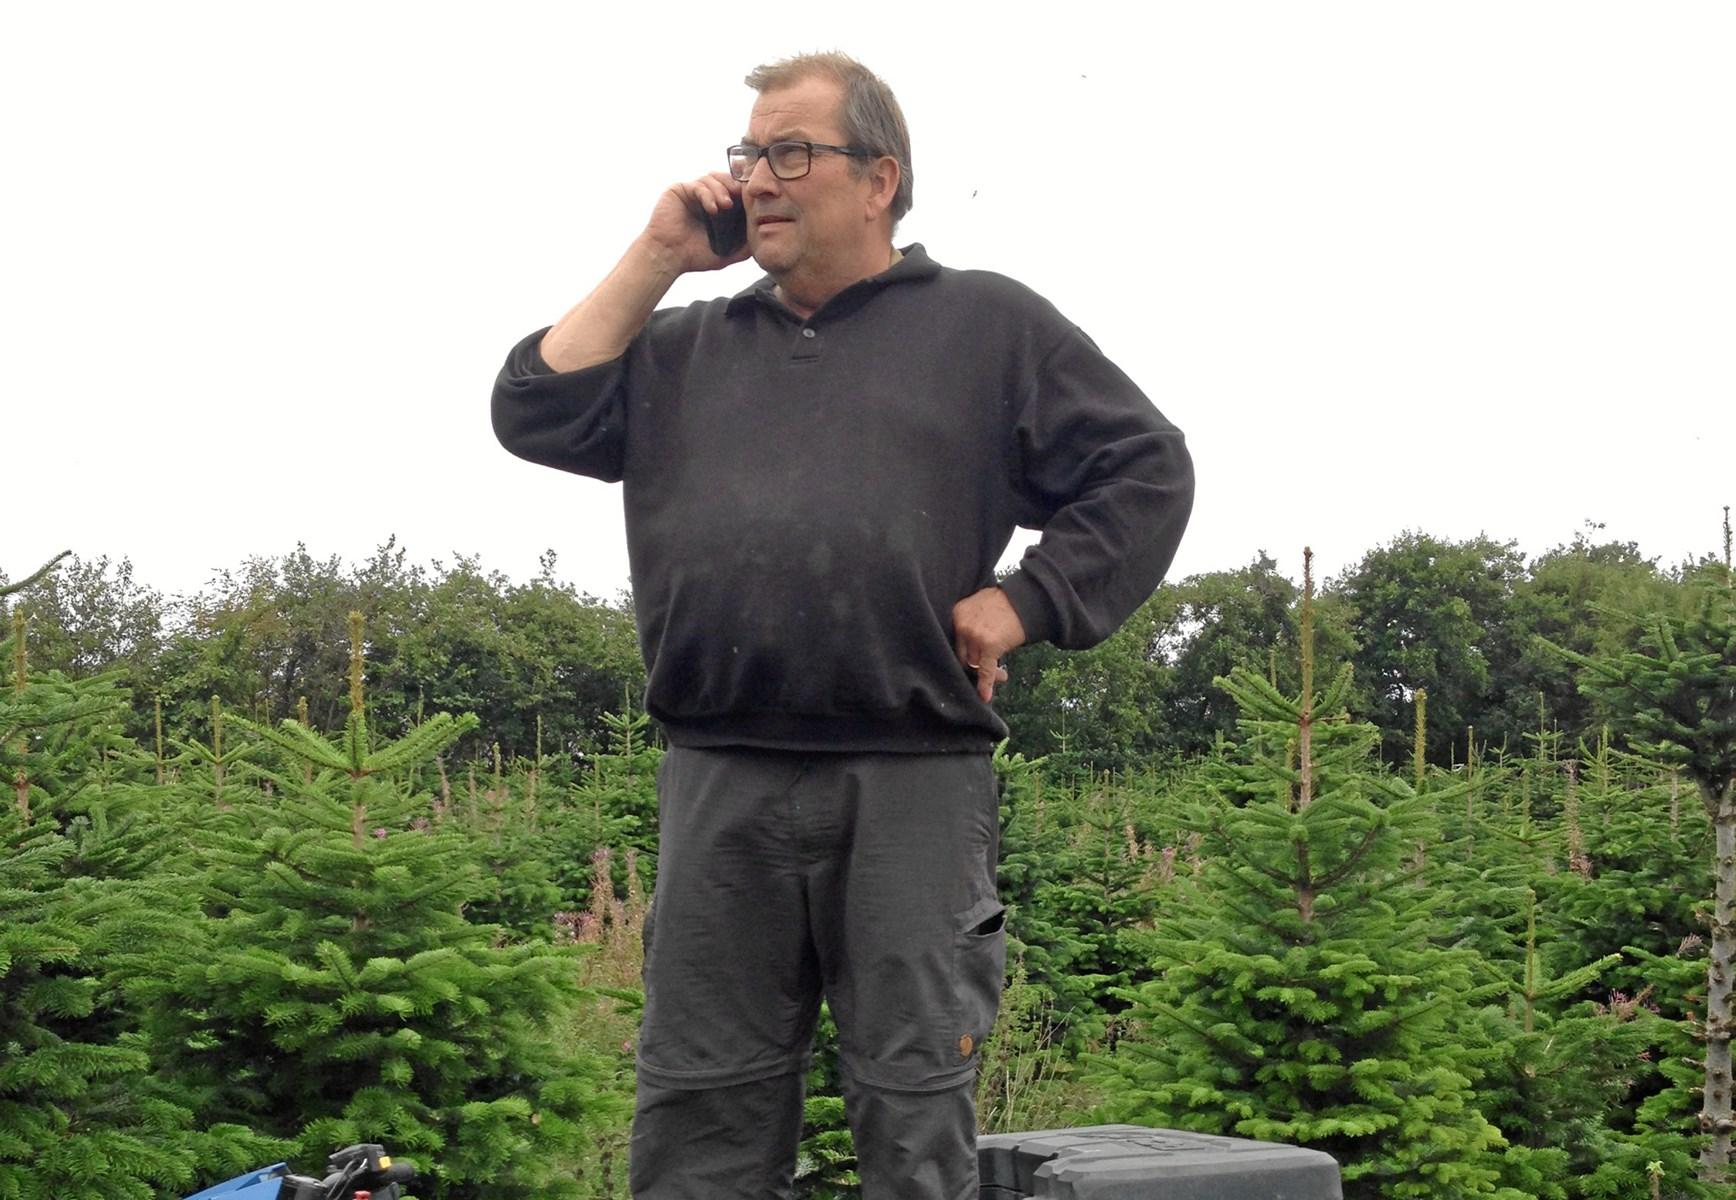 48 meter mobilmast til Gjøl: Så får Jørgen hul igennem